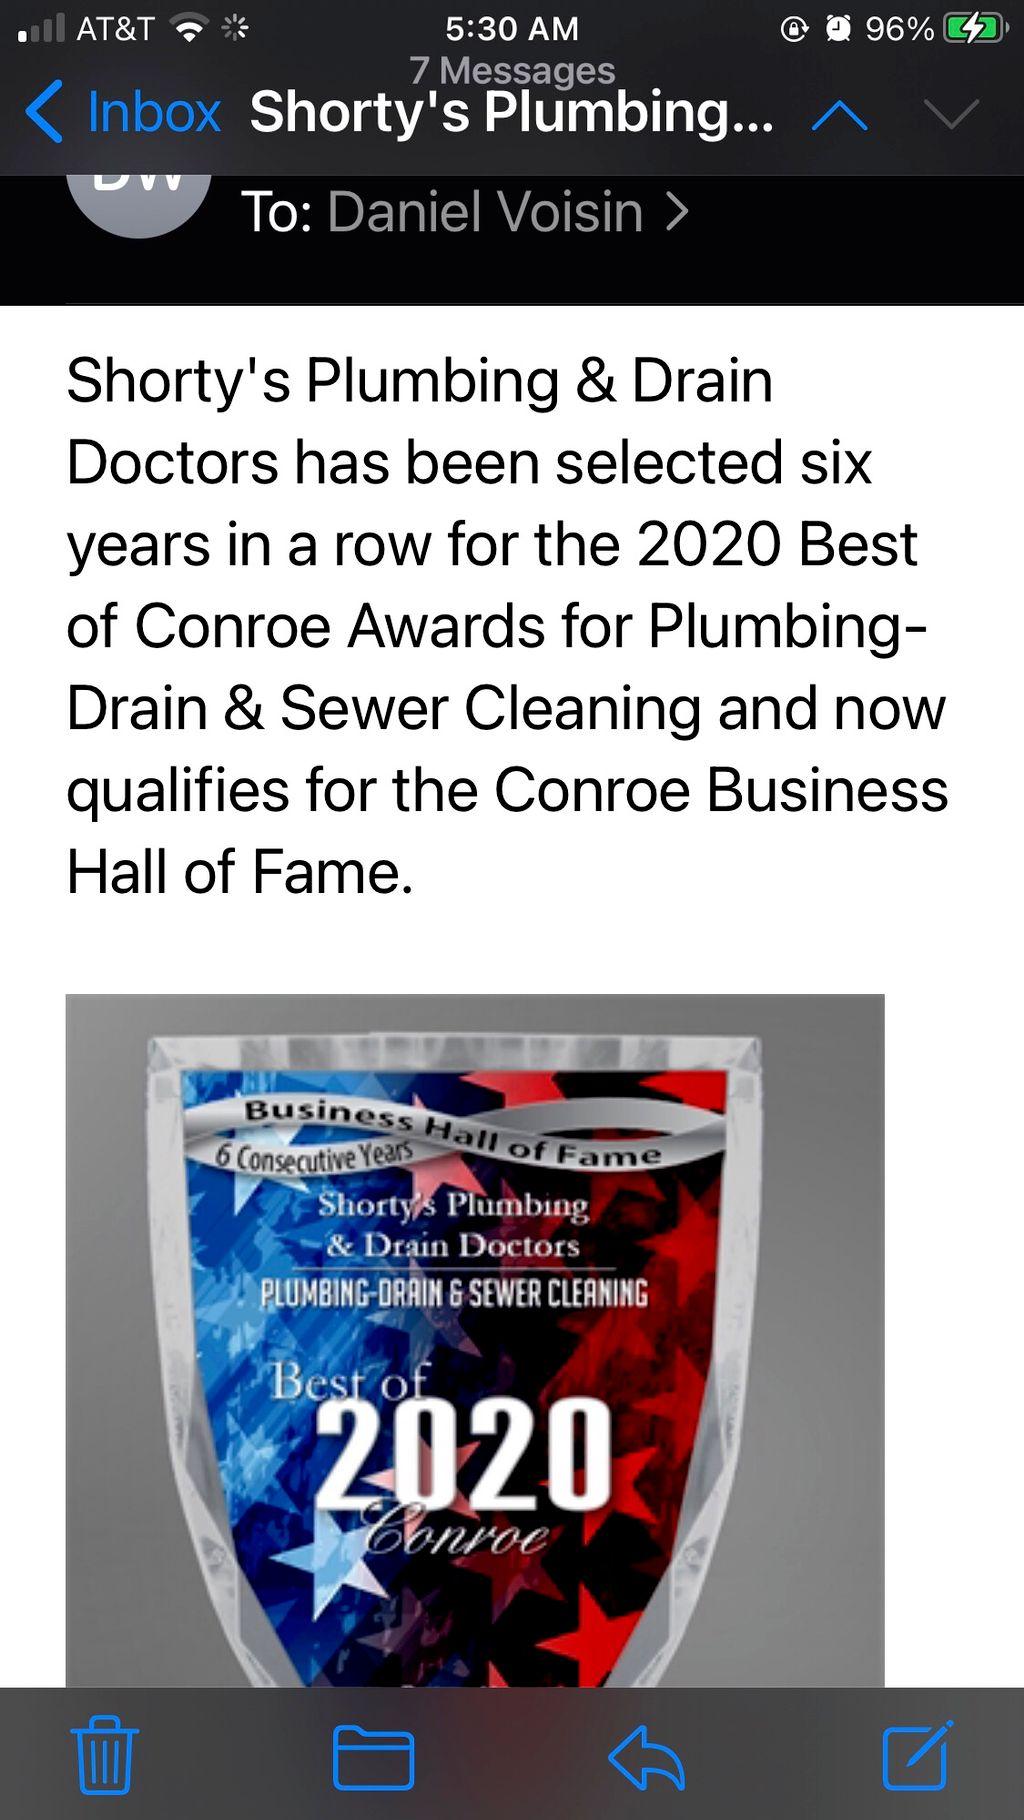 Shorty's Plumbing & Drain Doctors